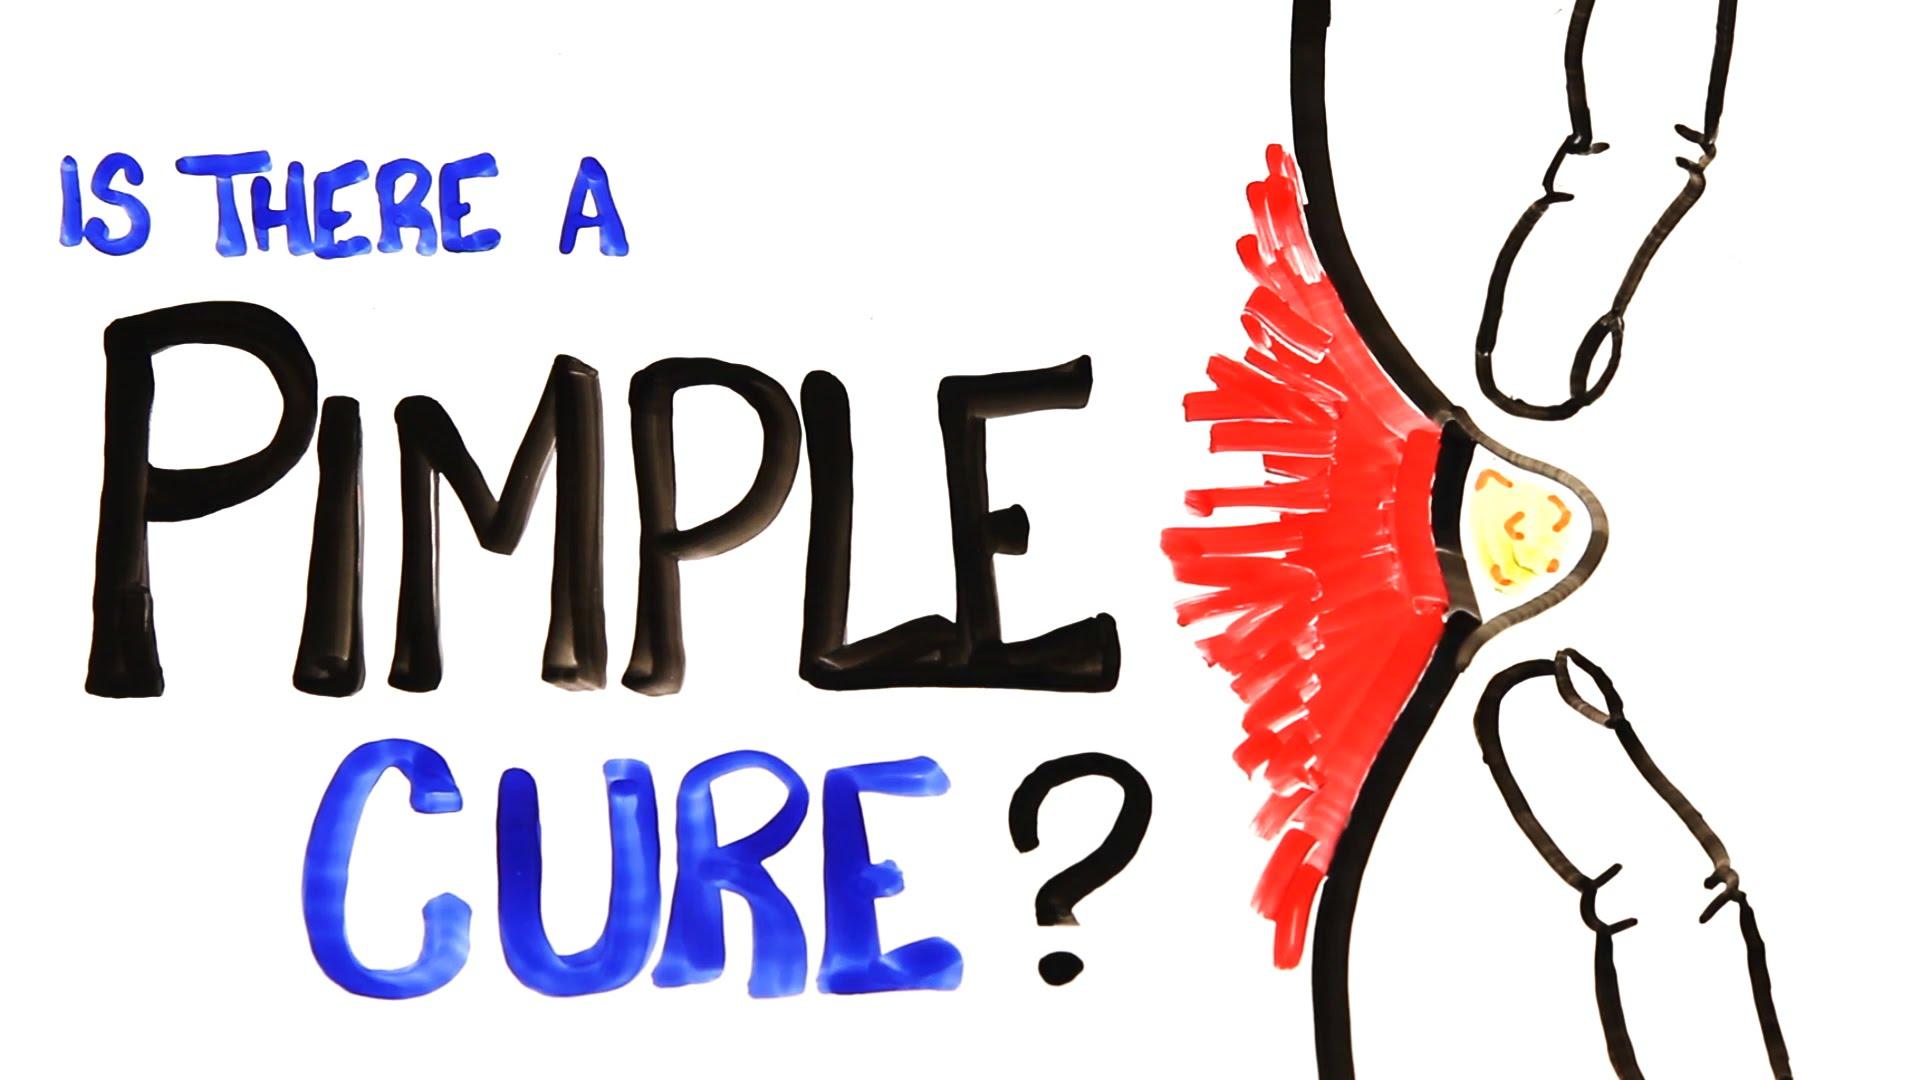 「【科學報你知】滿臉痘花有救嗎?」- Is There a Pimple Cure?